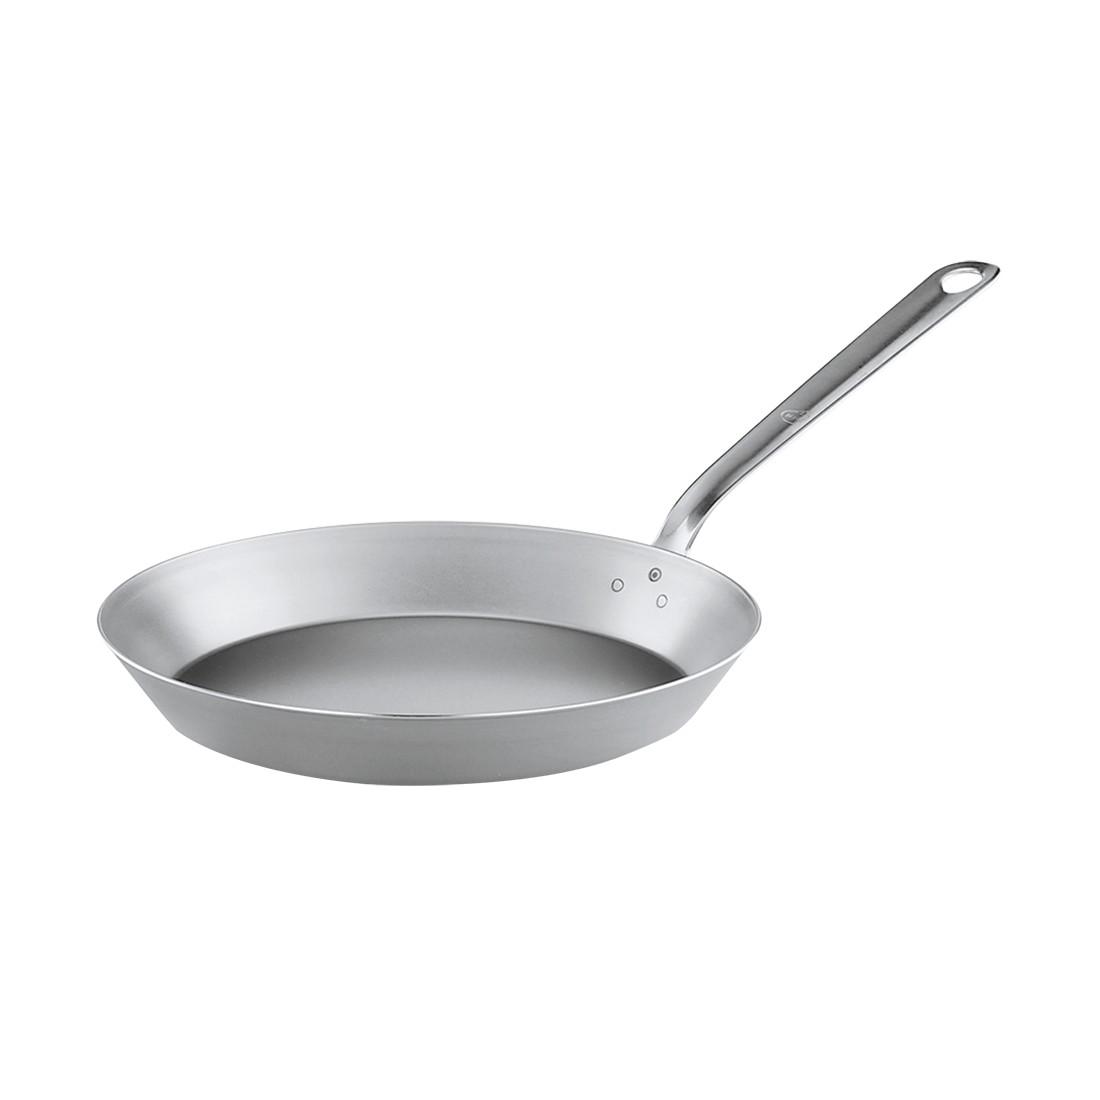 Eisen Omelettpfanne – Eisen Silber – 24 cm, Rösle günstig kaufen